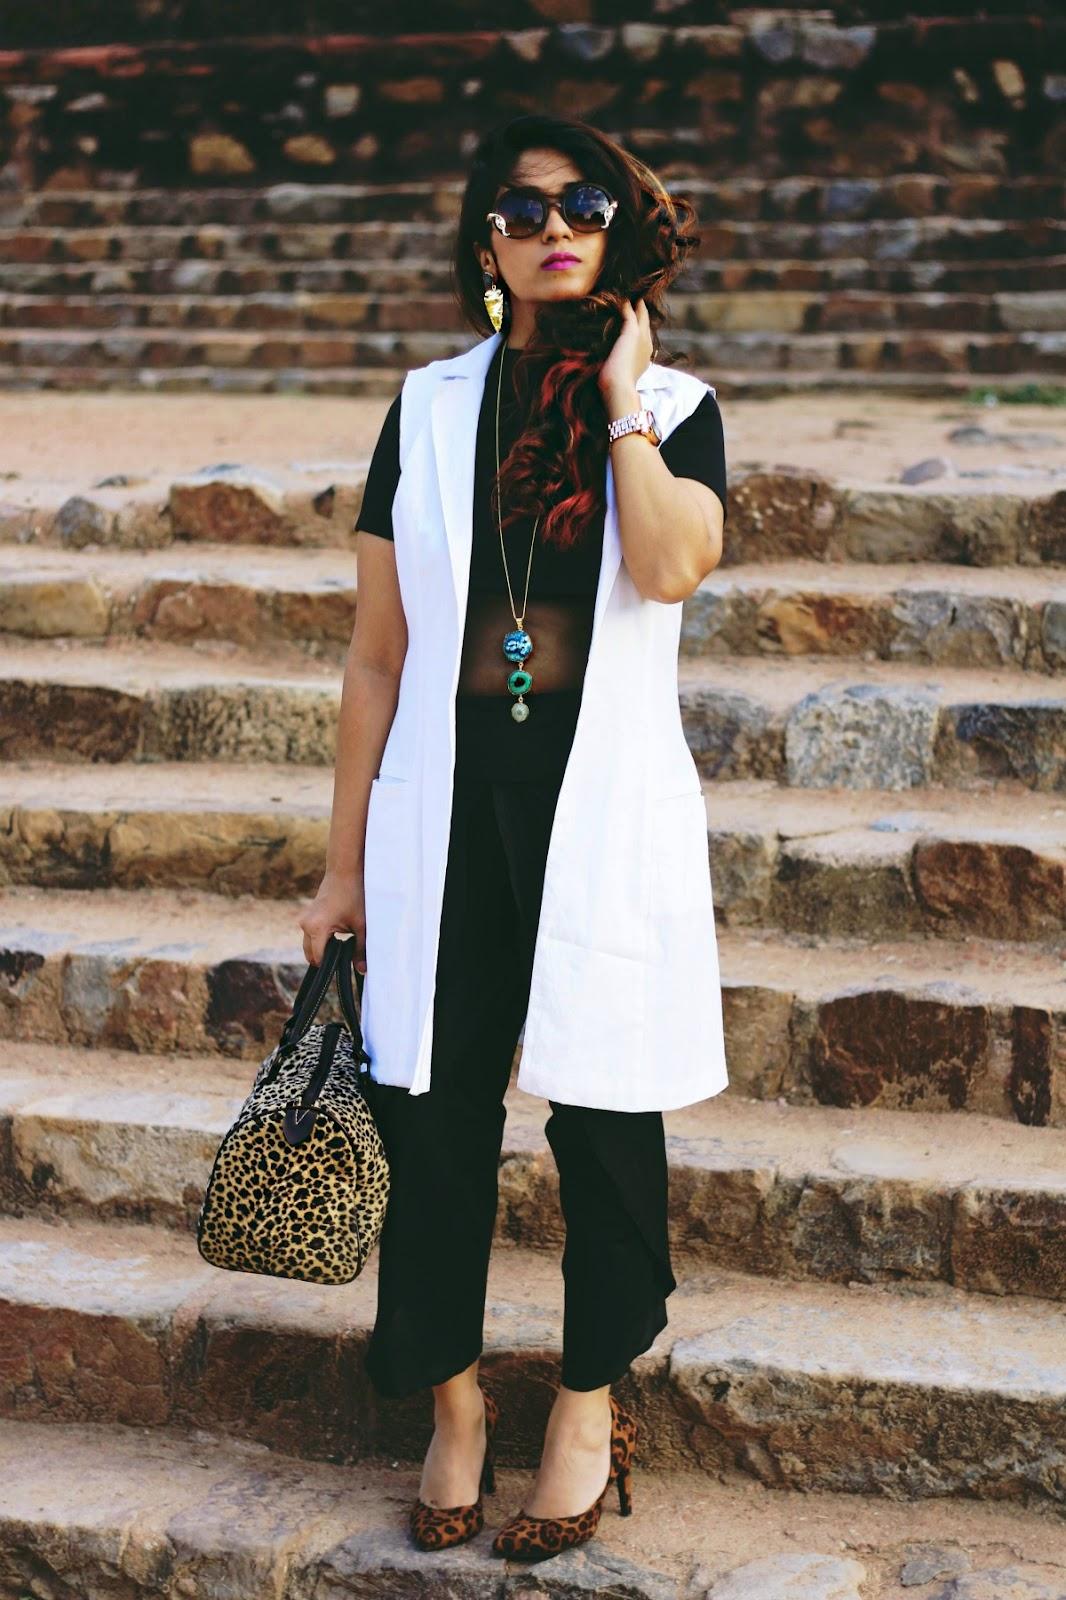 白色夹克,冬天的创意,elle街头风格,时尚